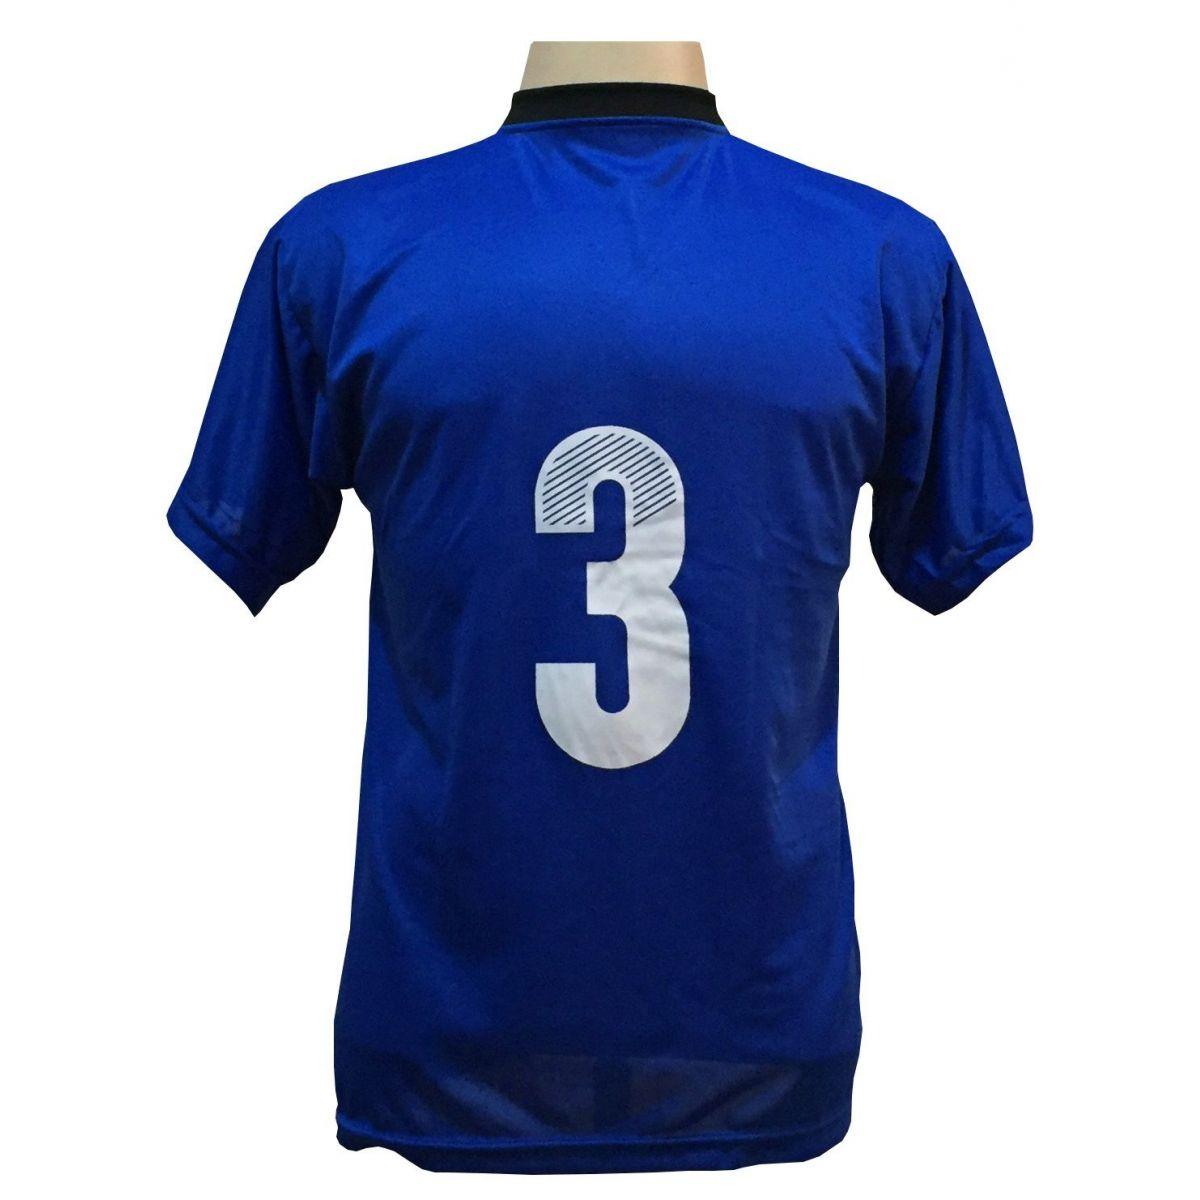 Fardamento Completo modelo Roma Royal/Preto 12+1 (12 camisas + 12 calções + 13 pares de meiões + 1 conjunto de goleiro) + Brindes